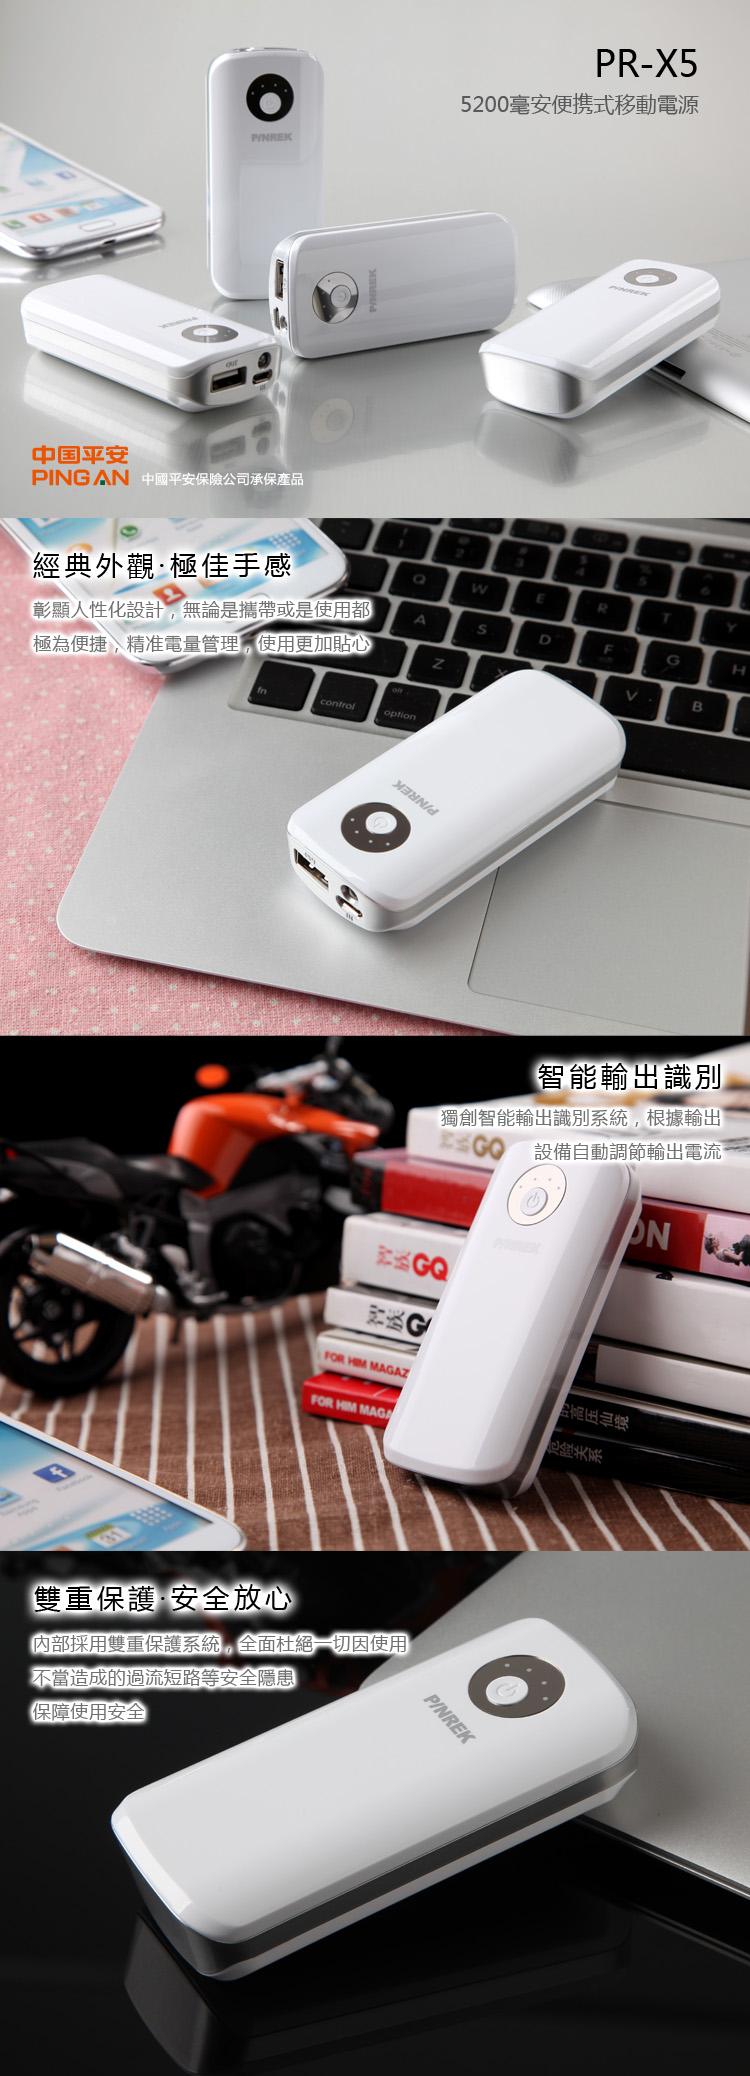 正品5200毫安品锐智能充电宝 所有手机通用移动电源图片一